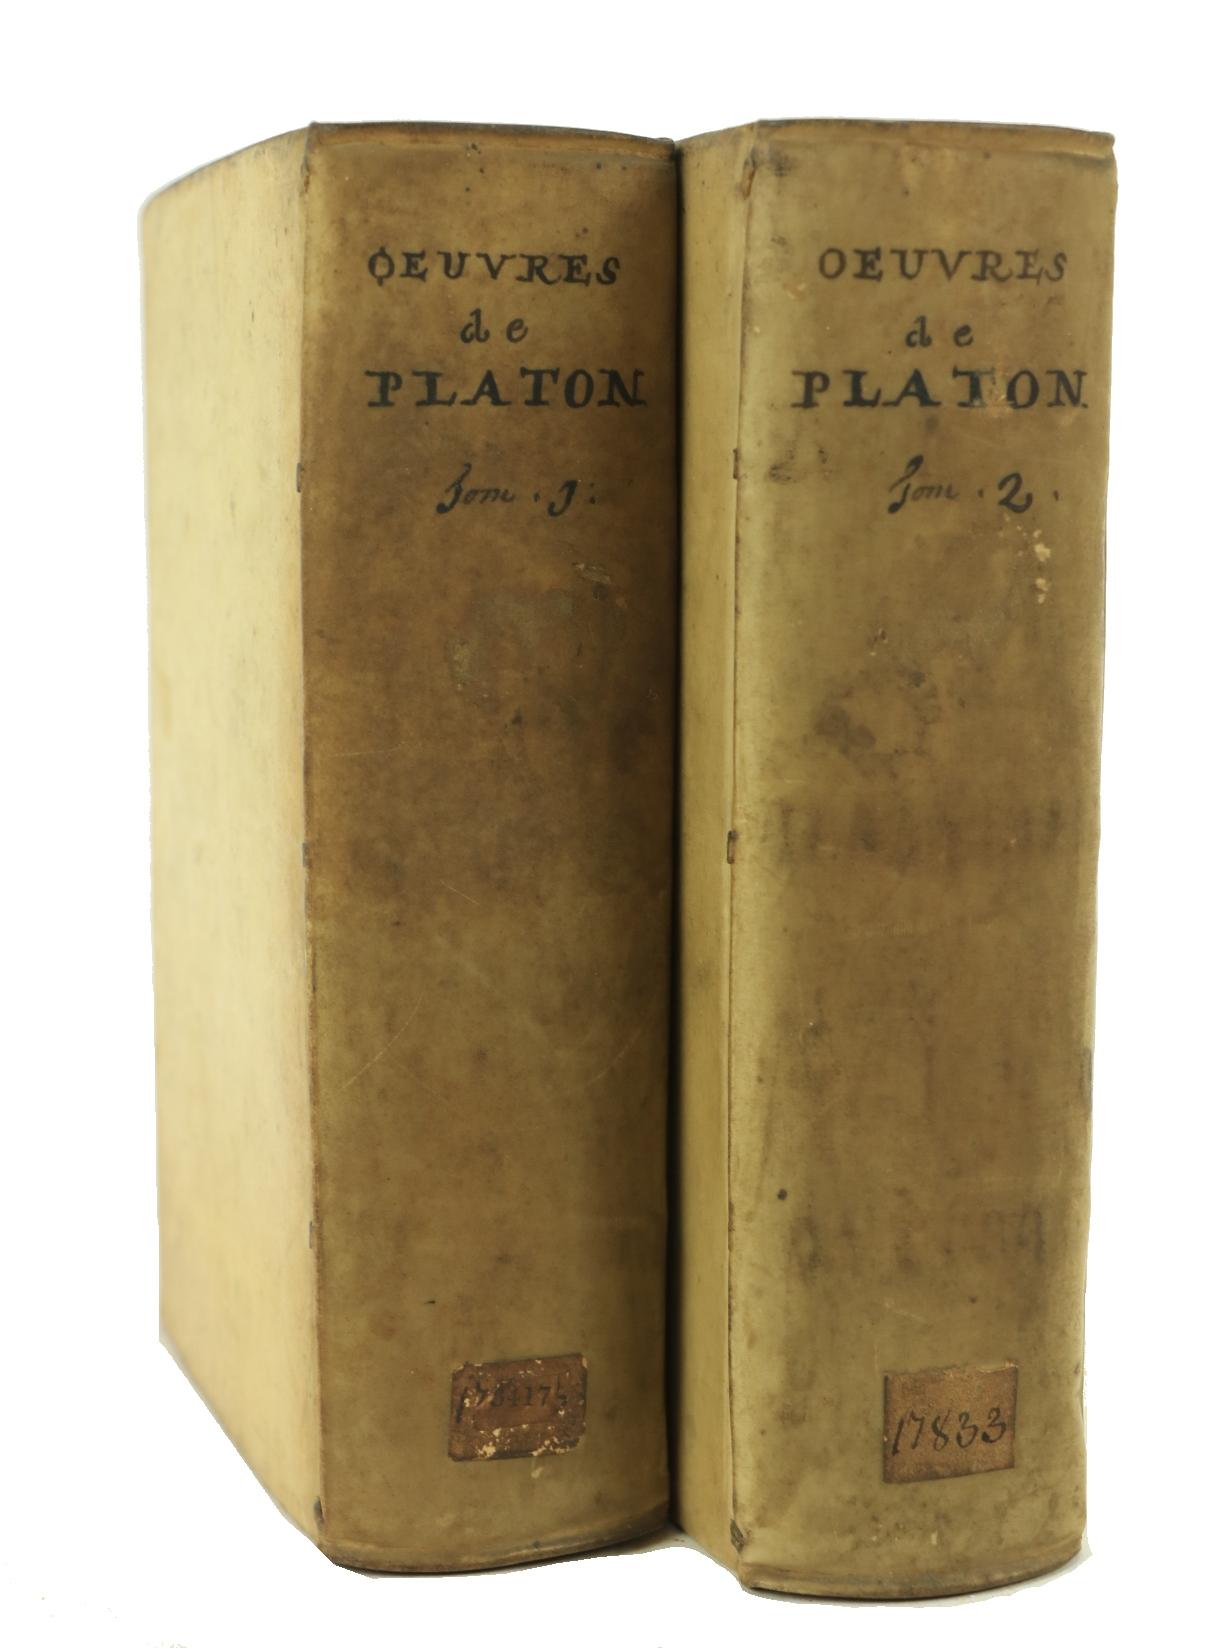 Platon -ÿÿLes Oeuvres de PlatonÿTraduites en Francois, avec des Remarques, 2 vols. Amsterdam (d'